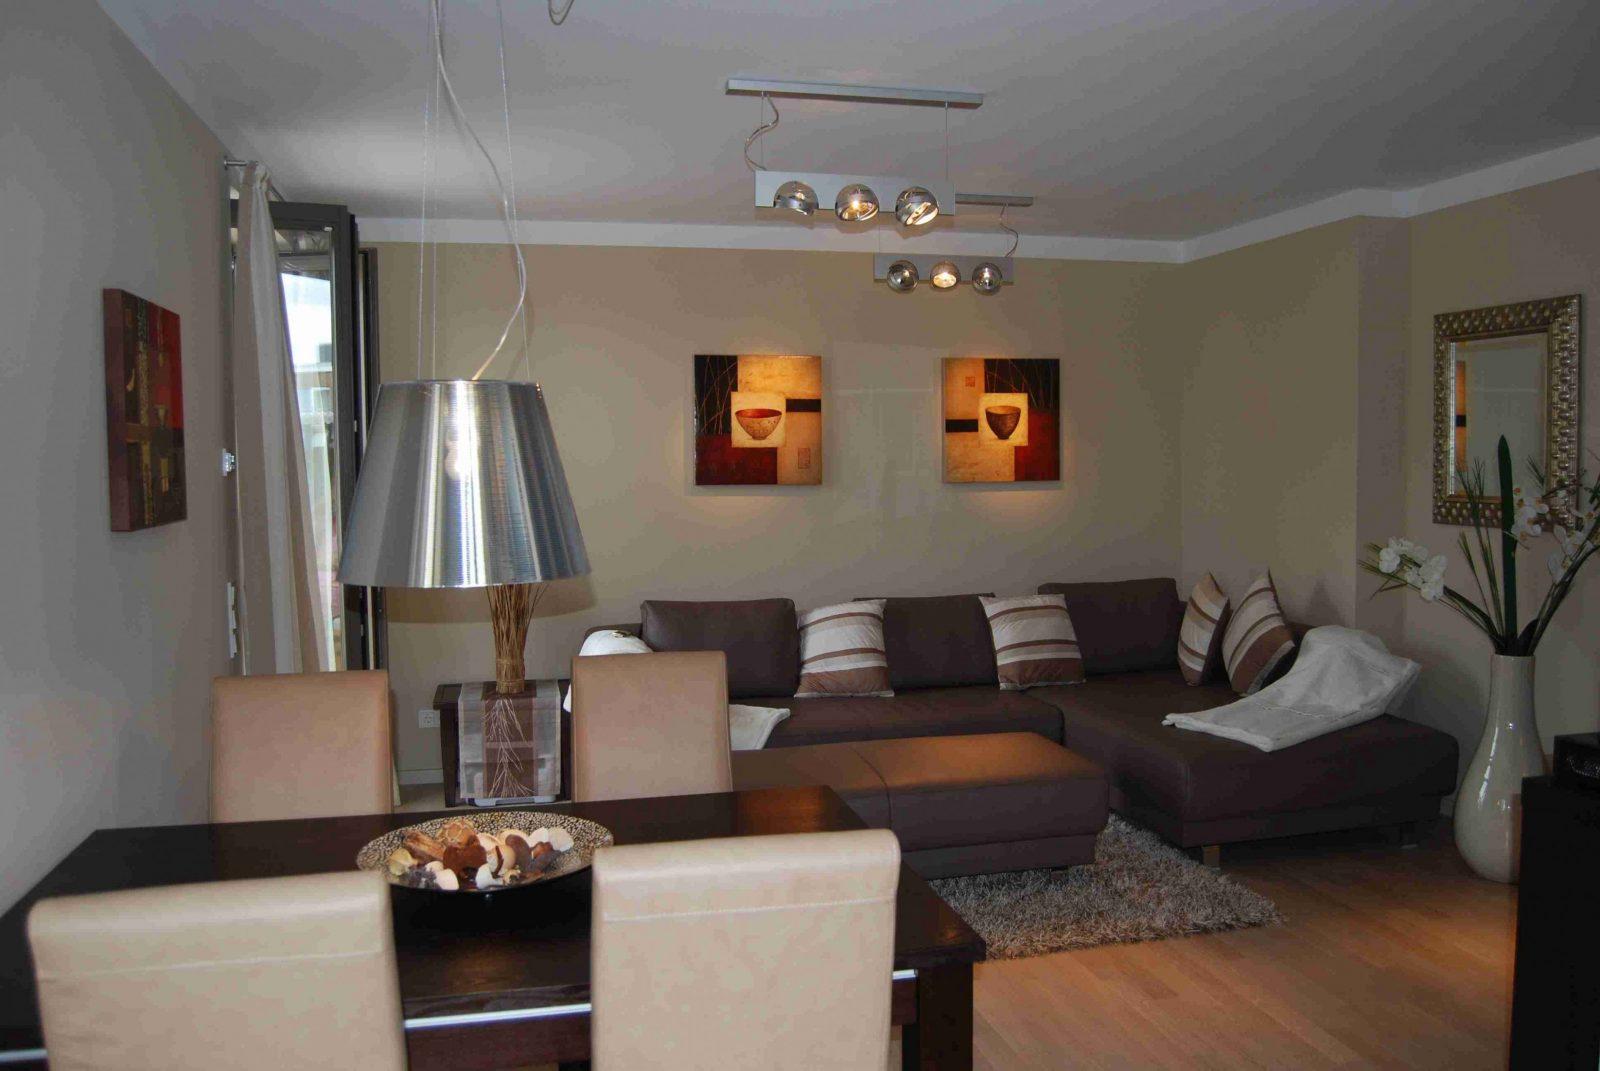 Wohnideen  Kleines Wohnzimmer L Rorm Auch Inspirierend Kleines von Esstisch Für Kleines Wohnzimmer Bild